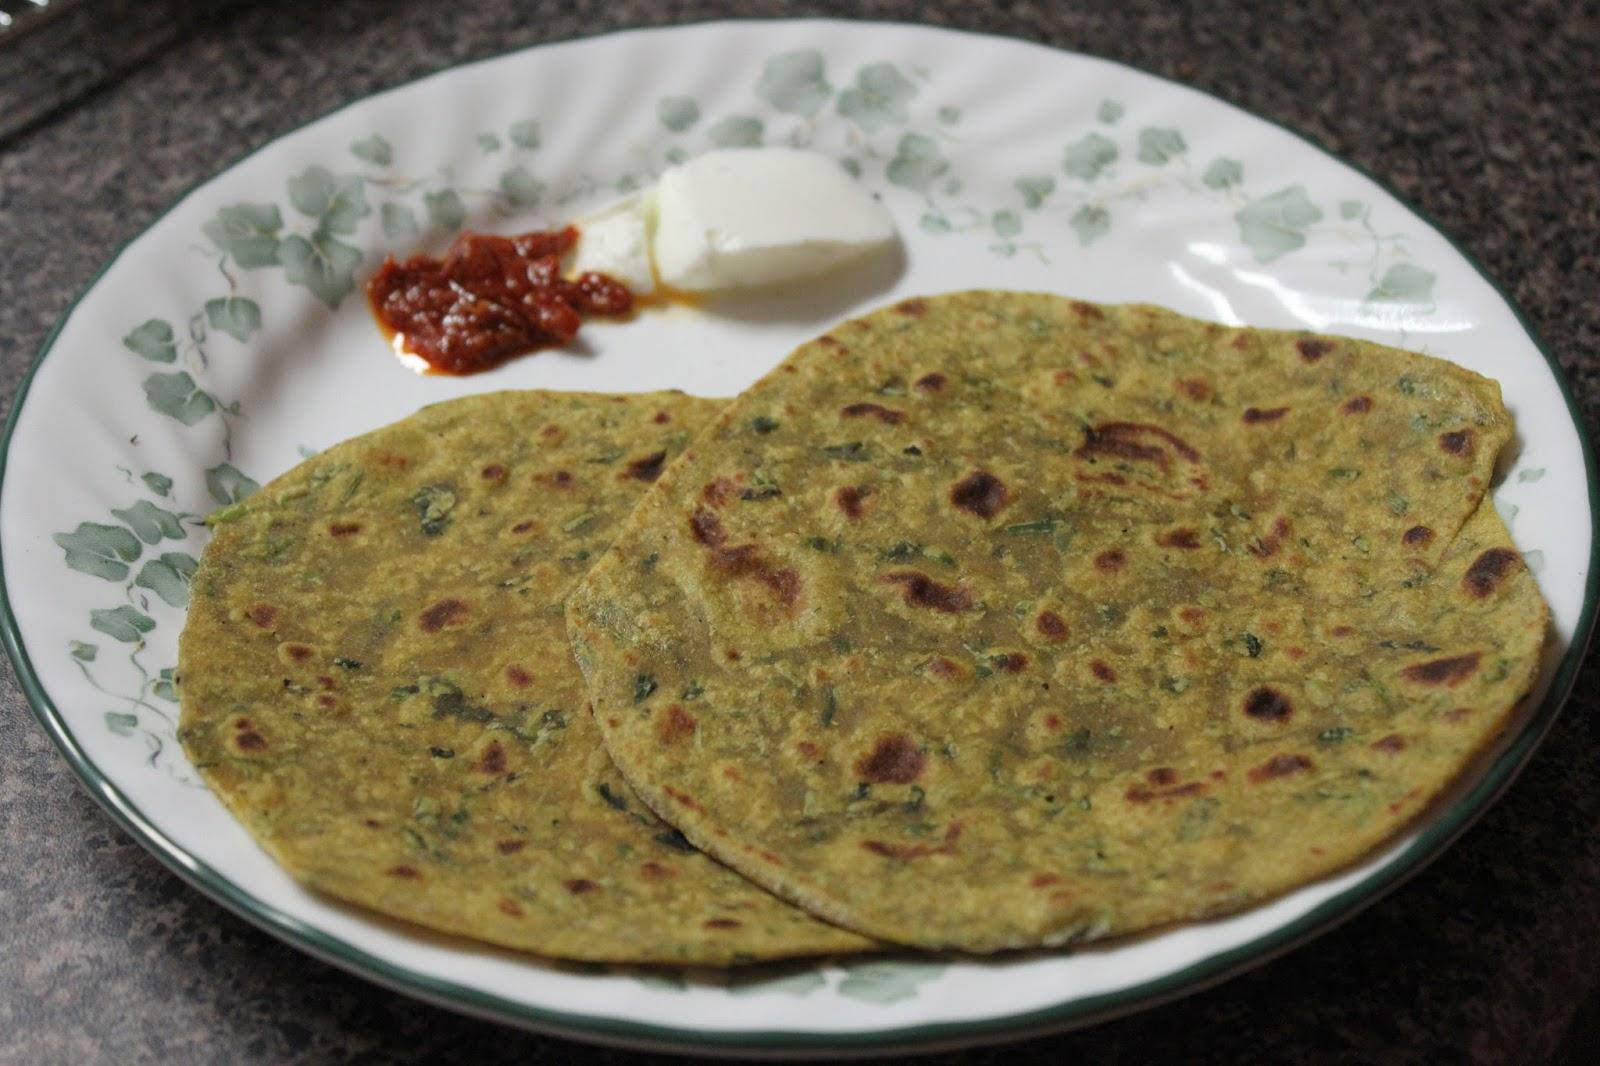 Tribute to Cooking: Fenugreek-Cilantro-Mint Roti / Paratha